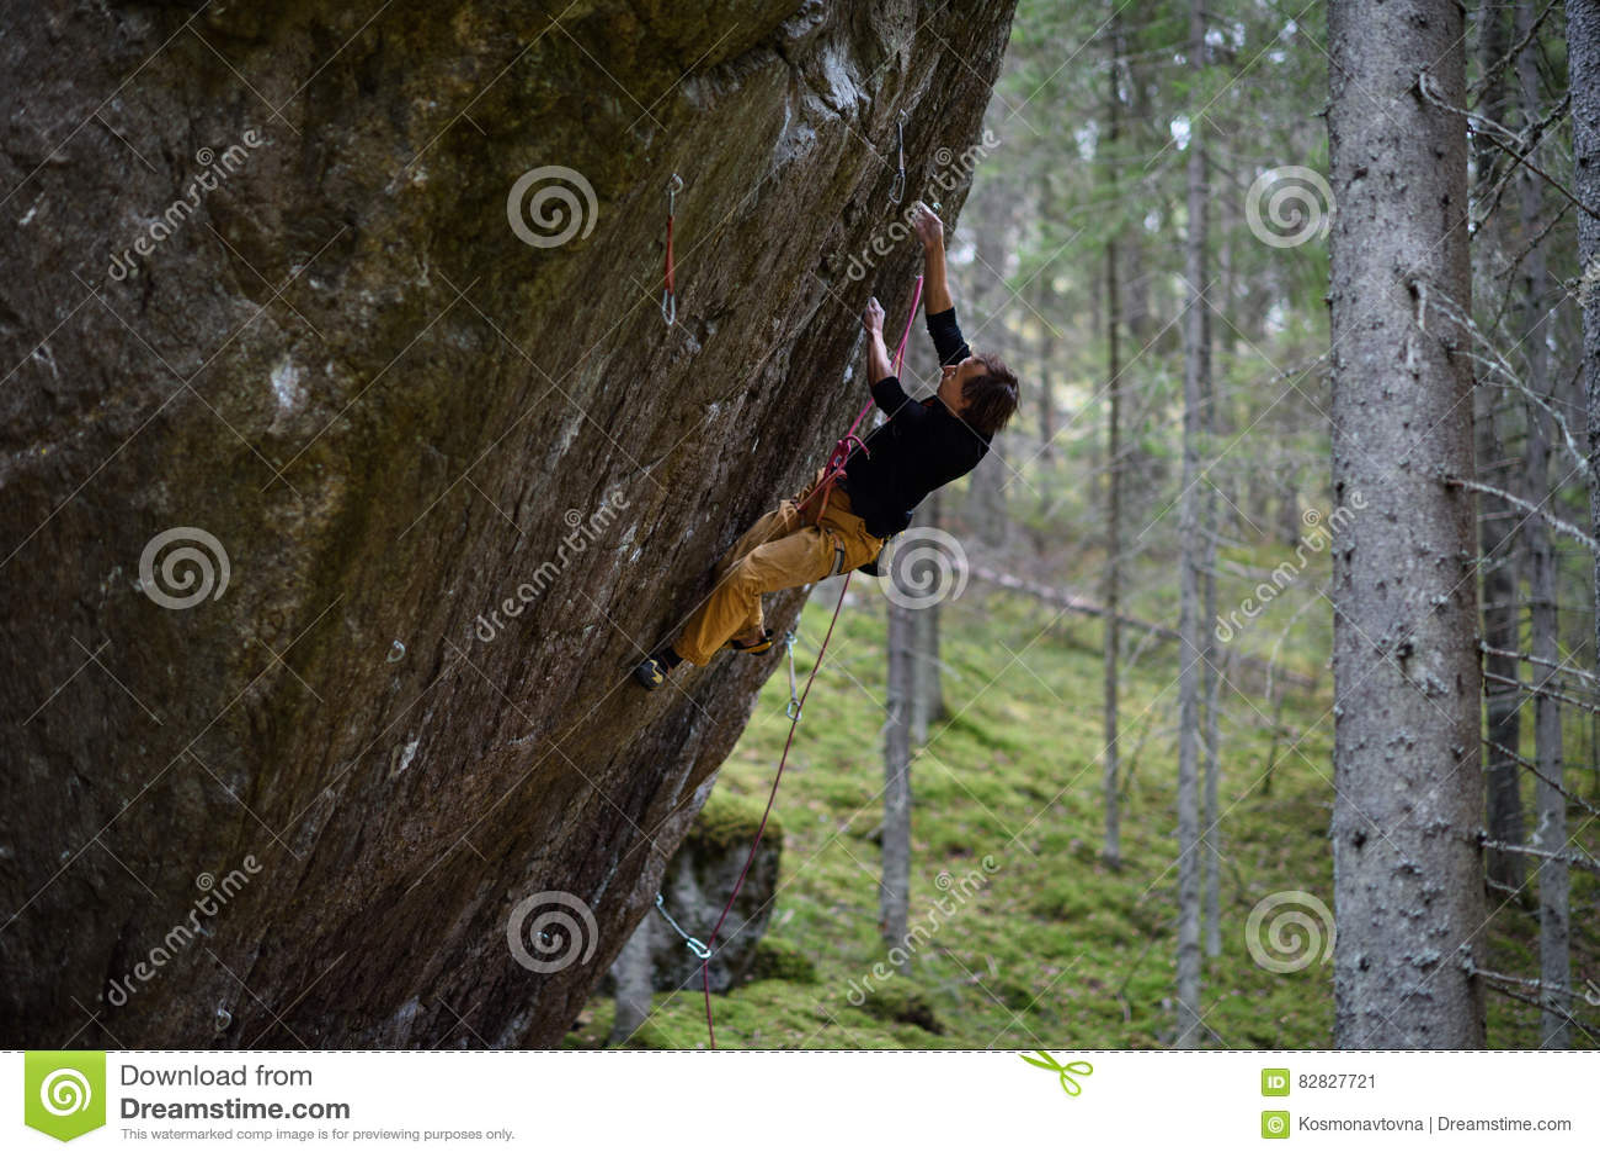 Vagga klättraren på en utmanande stigning klättra extreme Unika vintersportar Skandinavisk natur